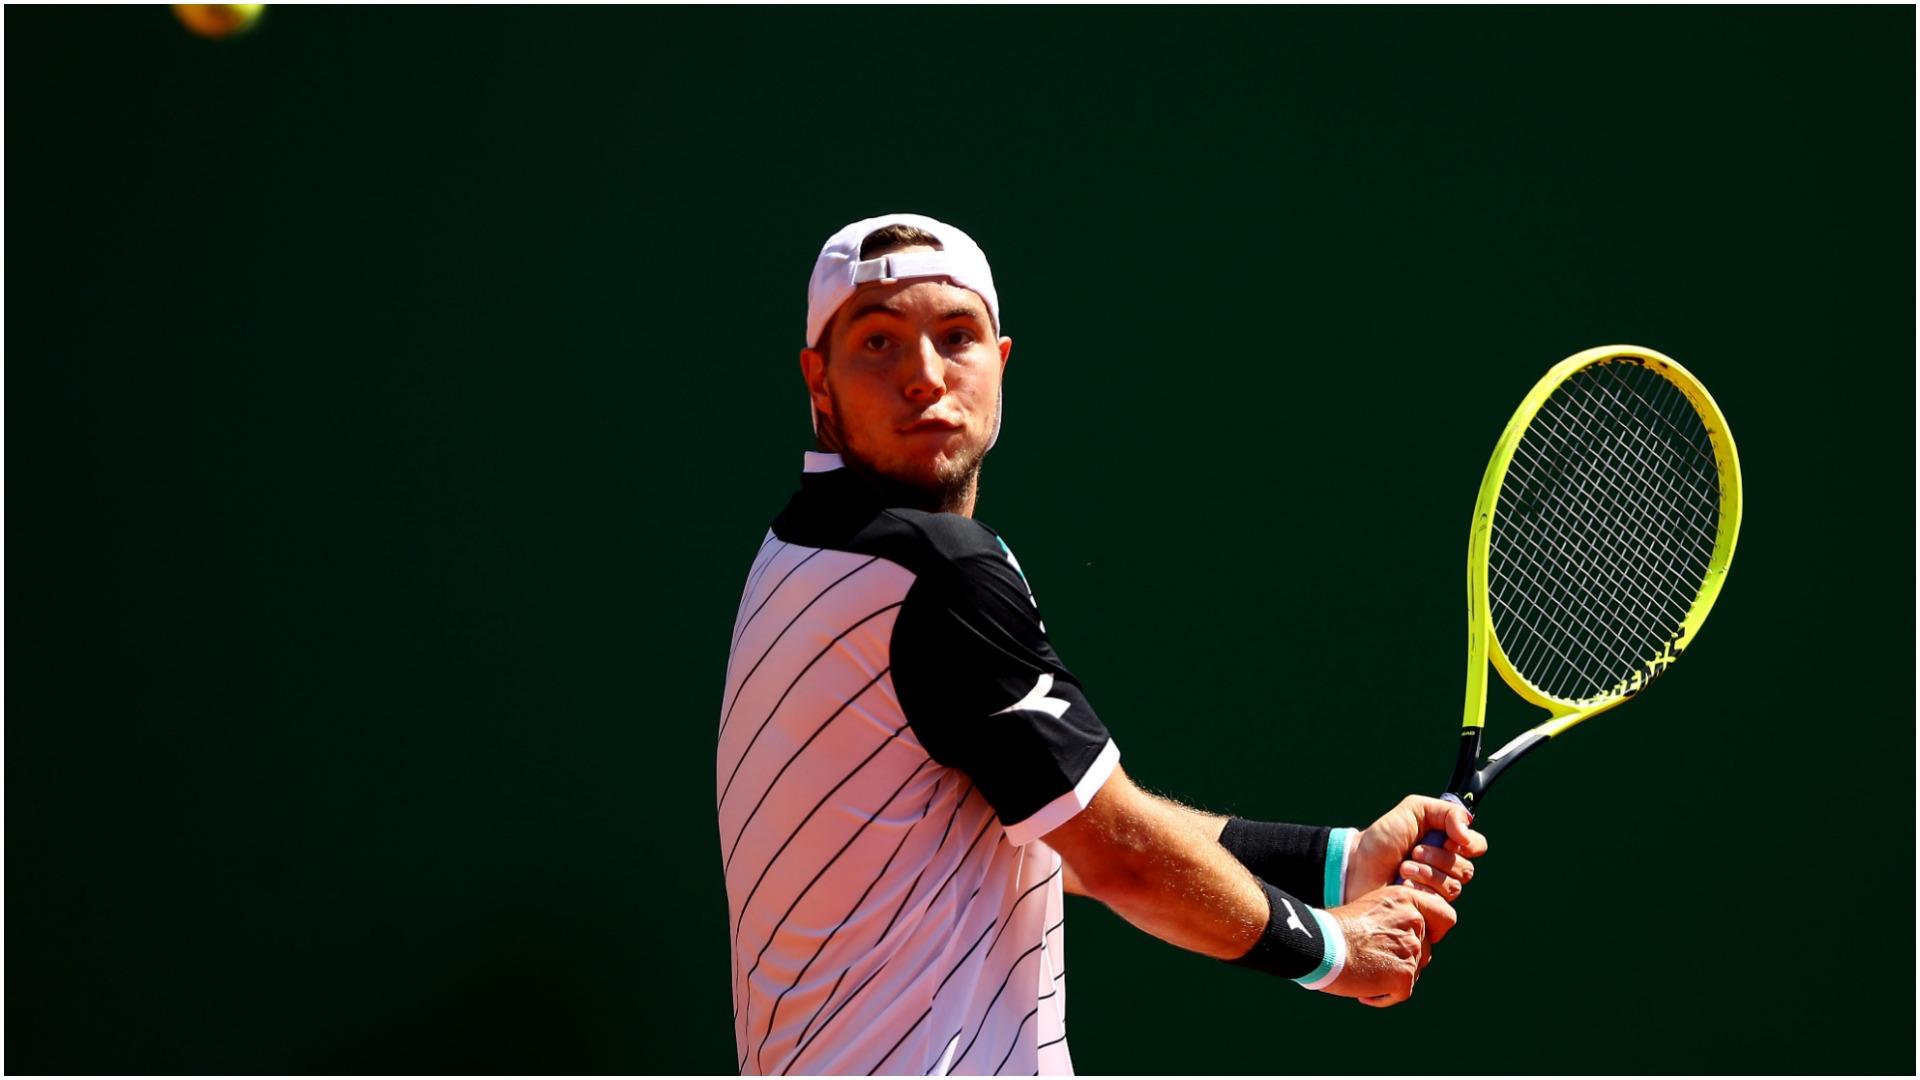 Struff stuns Tsitsipas to set up Nadal quarter-final